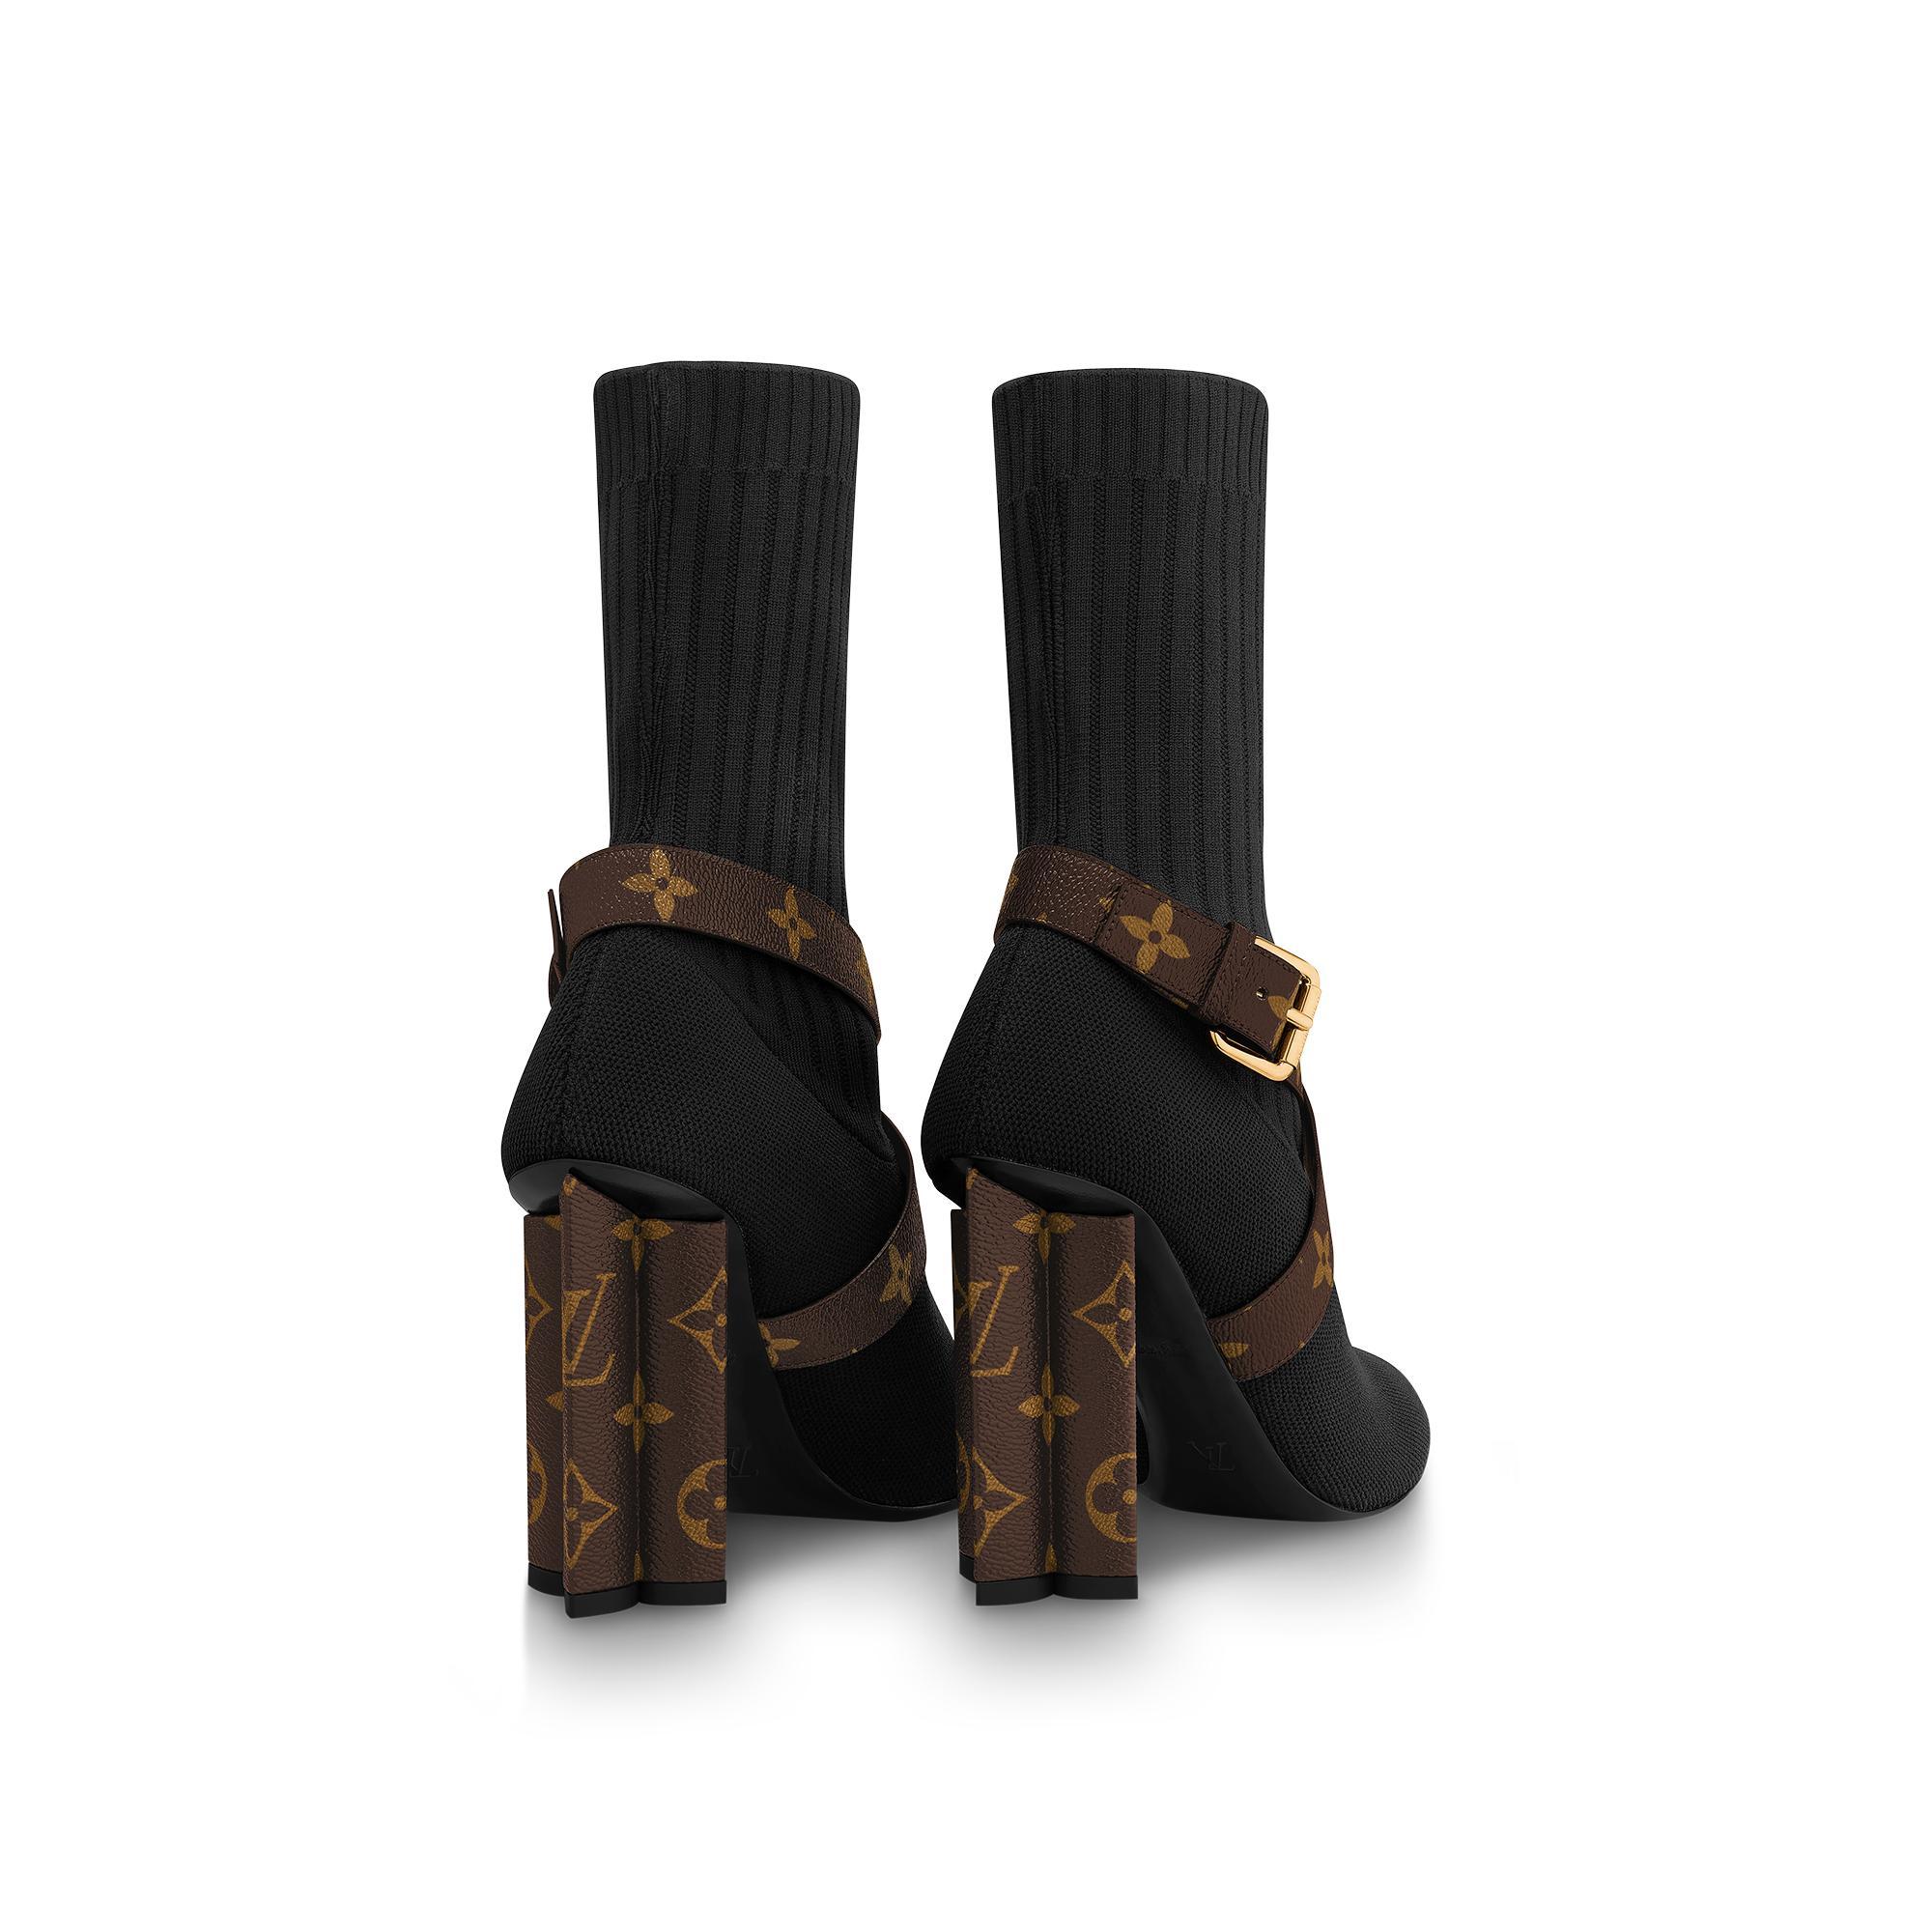 유럽직배송 루이비통 LOUIS VUITTON Silhouette Ankle Boots 1A66FE